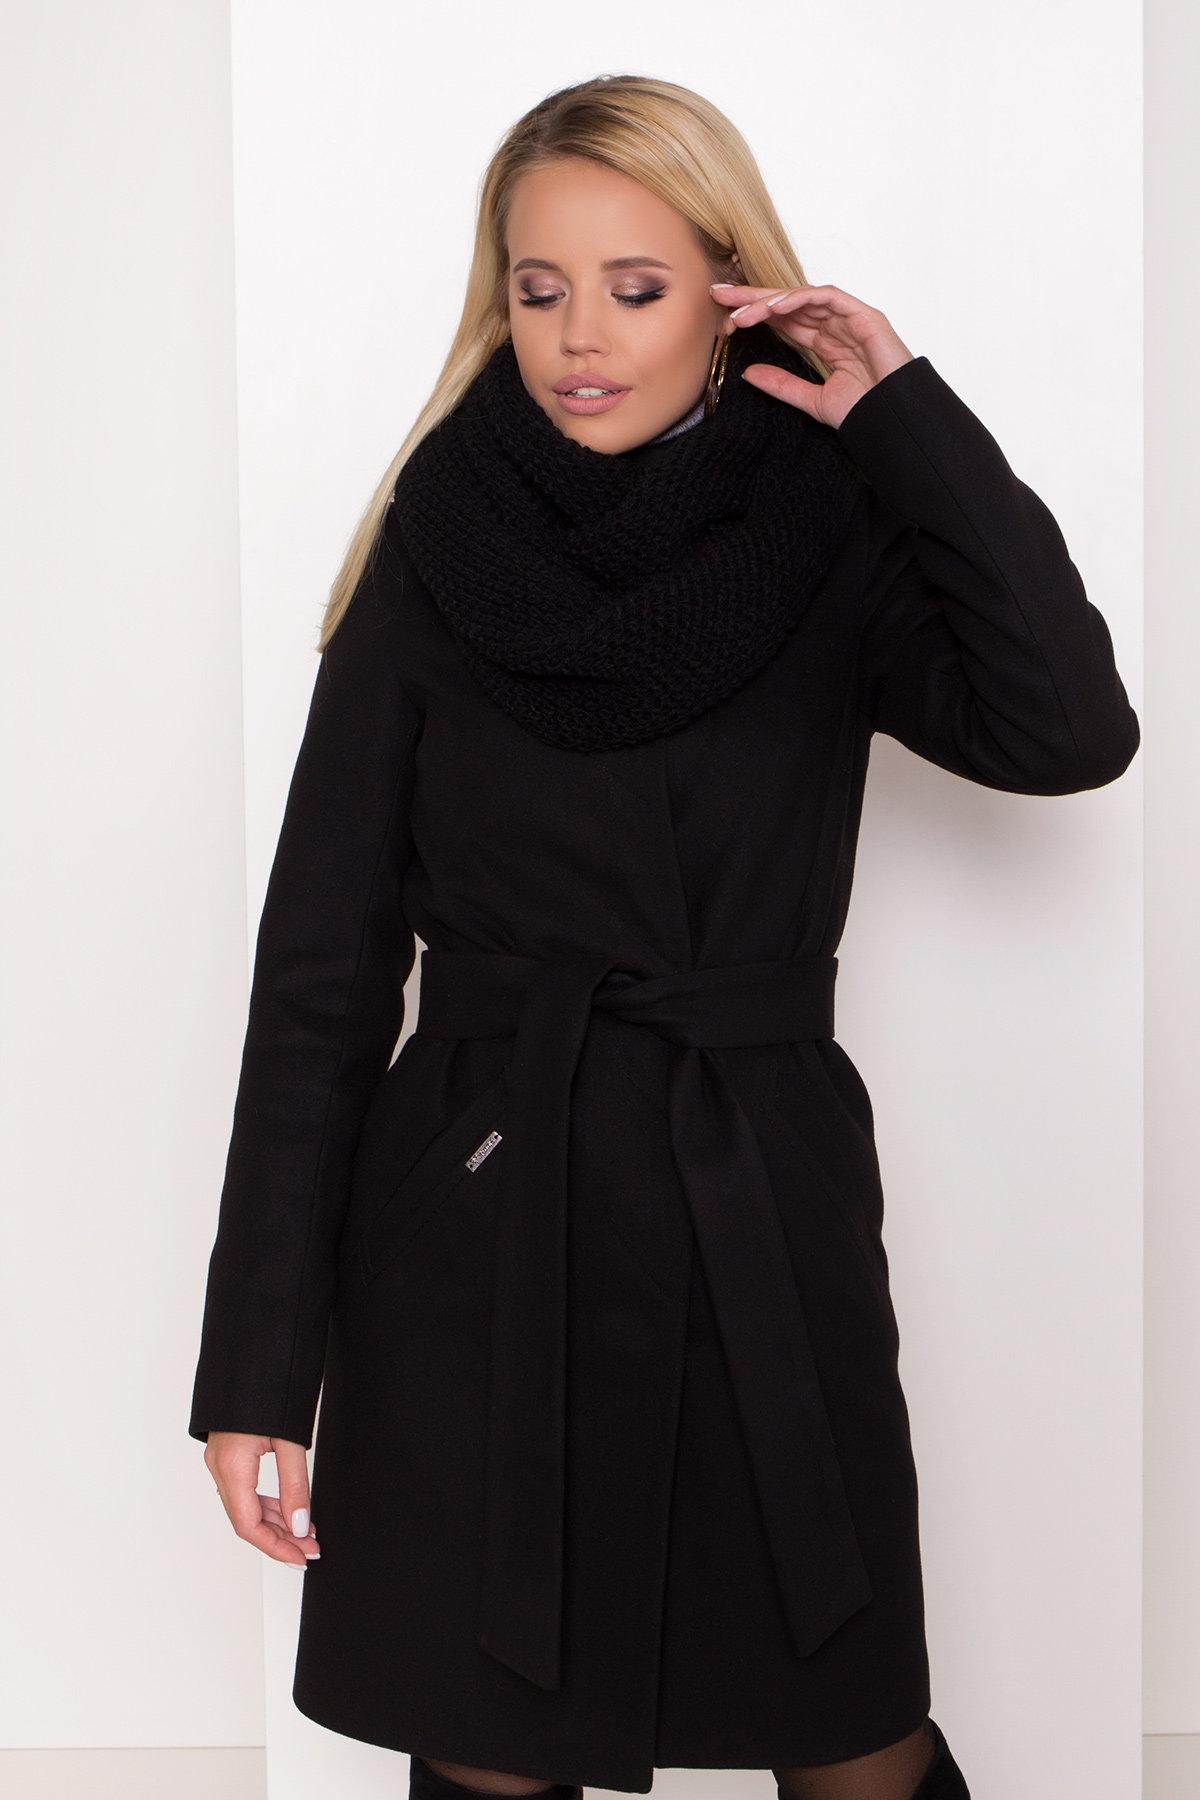 Пальто зима с хомутом Люцея 8211 АРТ. 44225 Цвет: Черный Н-1 - фото 16, интернет магазин tm-modus.ru